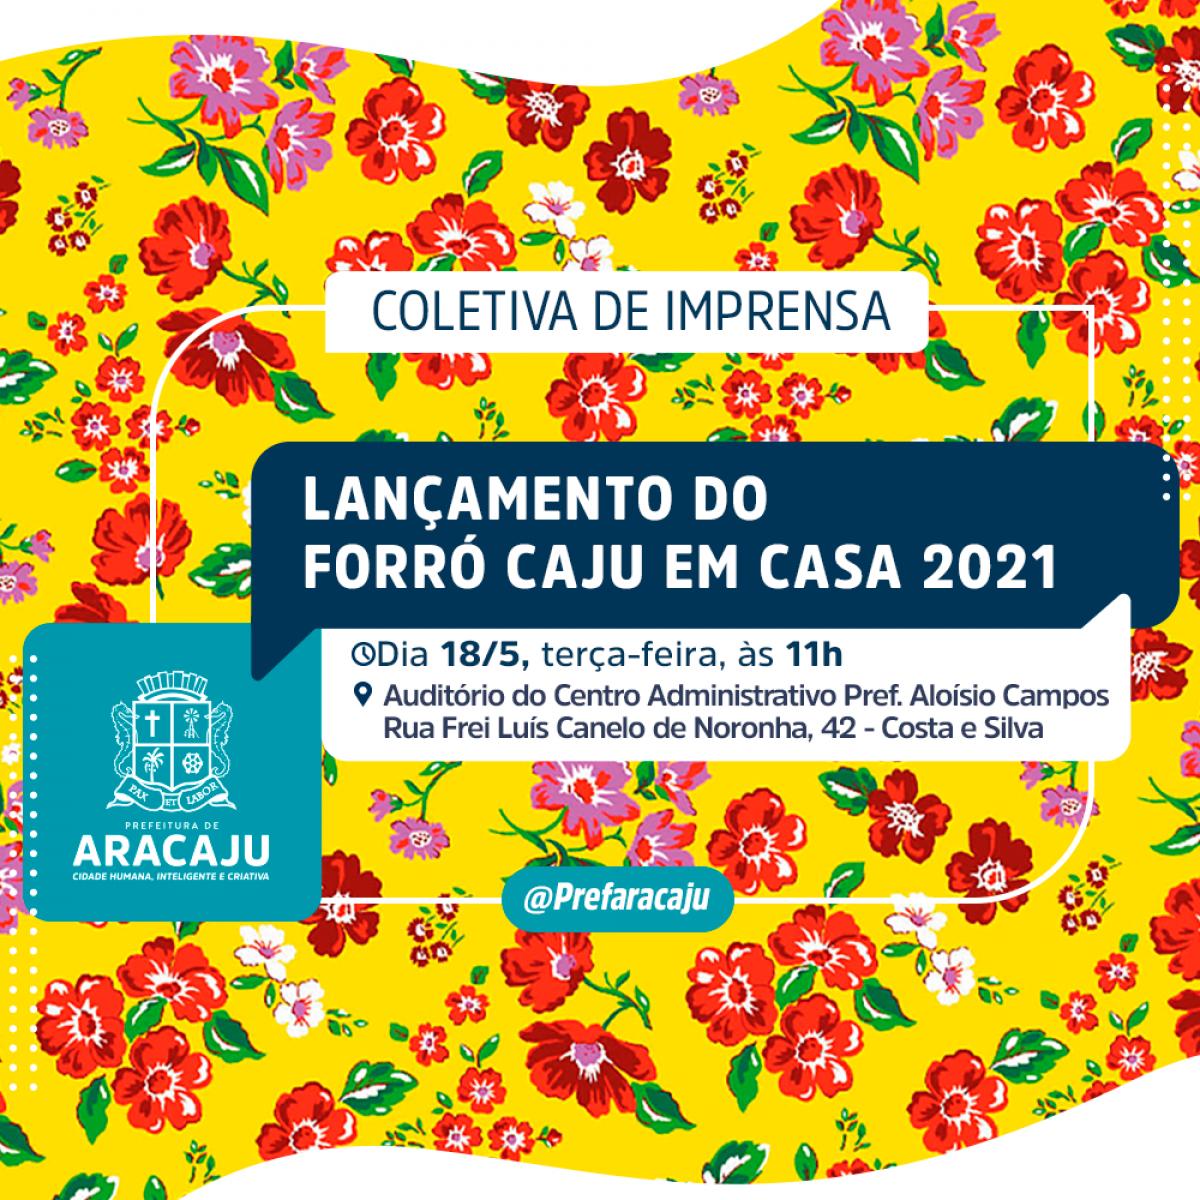 CONVITE: lançamento do Forró Caju em Casa 2021 (Imagem: Divulgação/ Prefeitura de Aracaju)